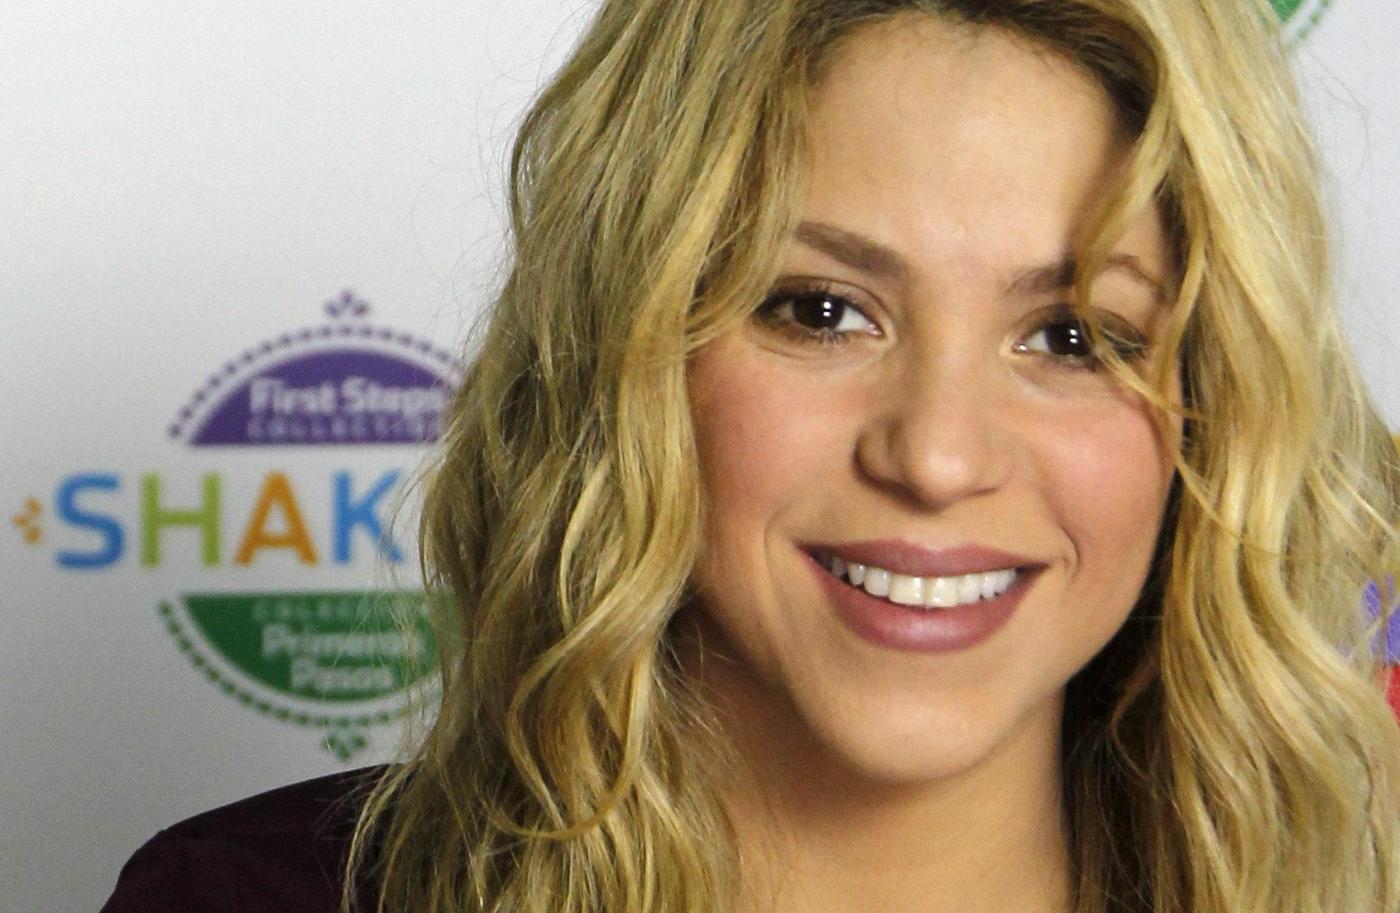 Shakira presentera' il suo secondo album dopo la nascita del secondo figlio.